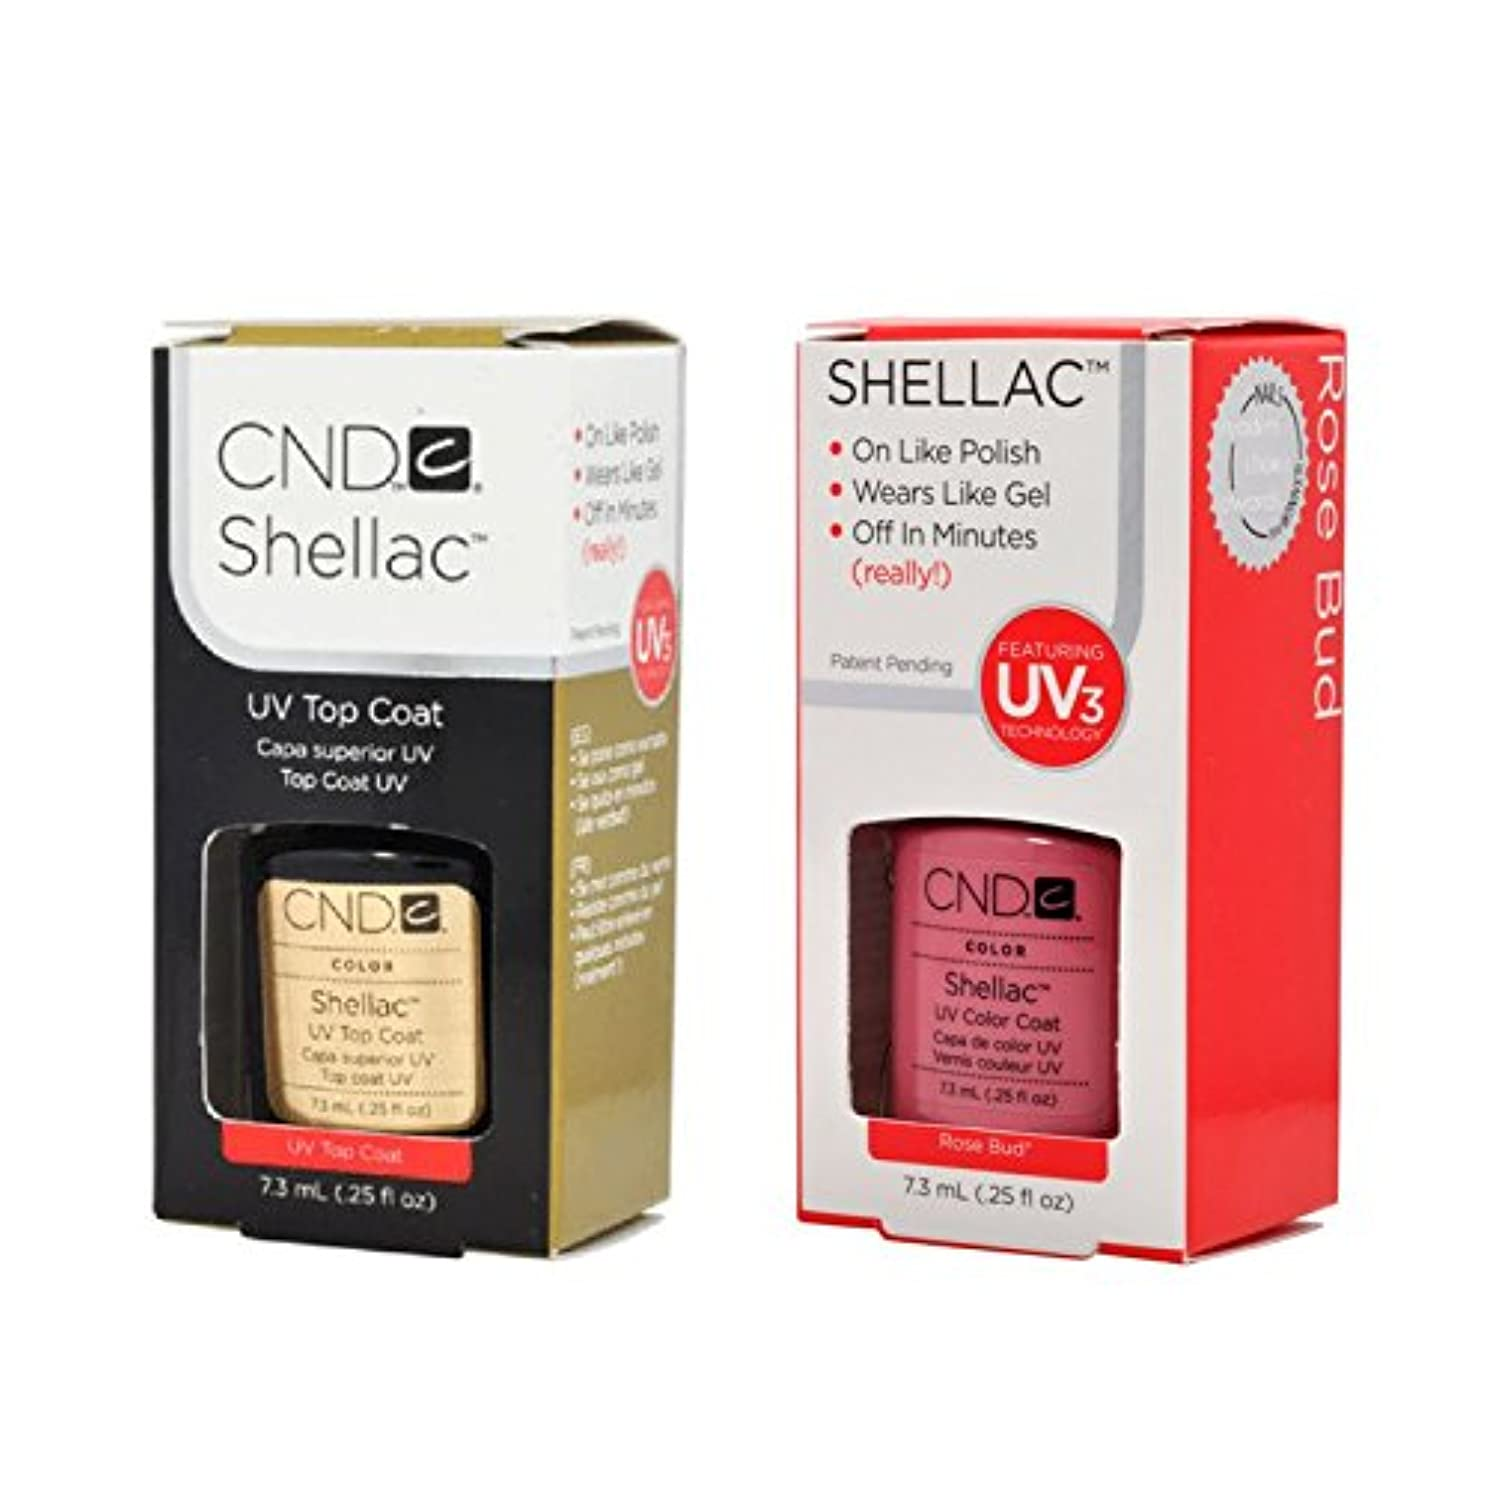 きしむ前述の見物人CND Shellac UVトップコート 7.3m l  &  UV カラーコー< Rose Bud>7.3ml [海外直送品]